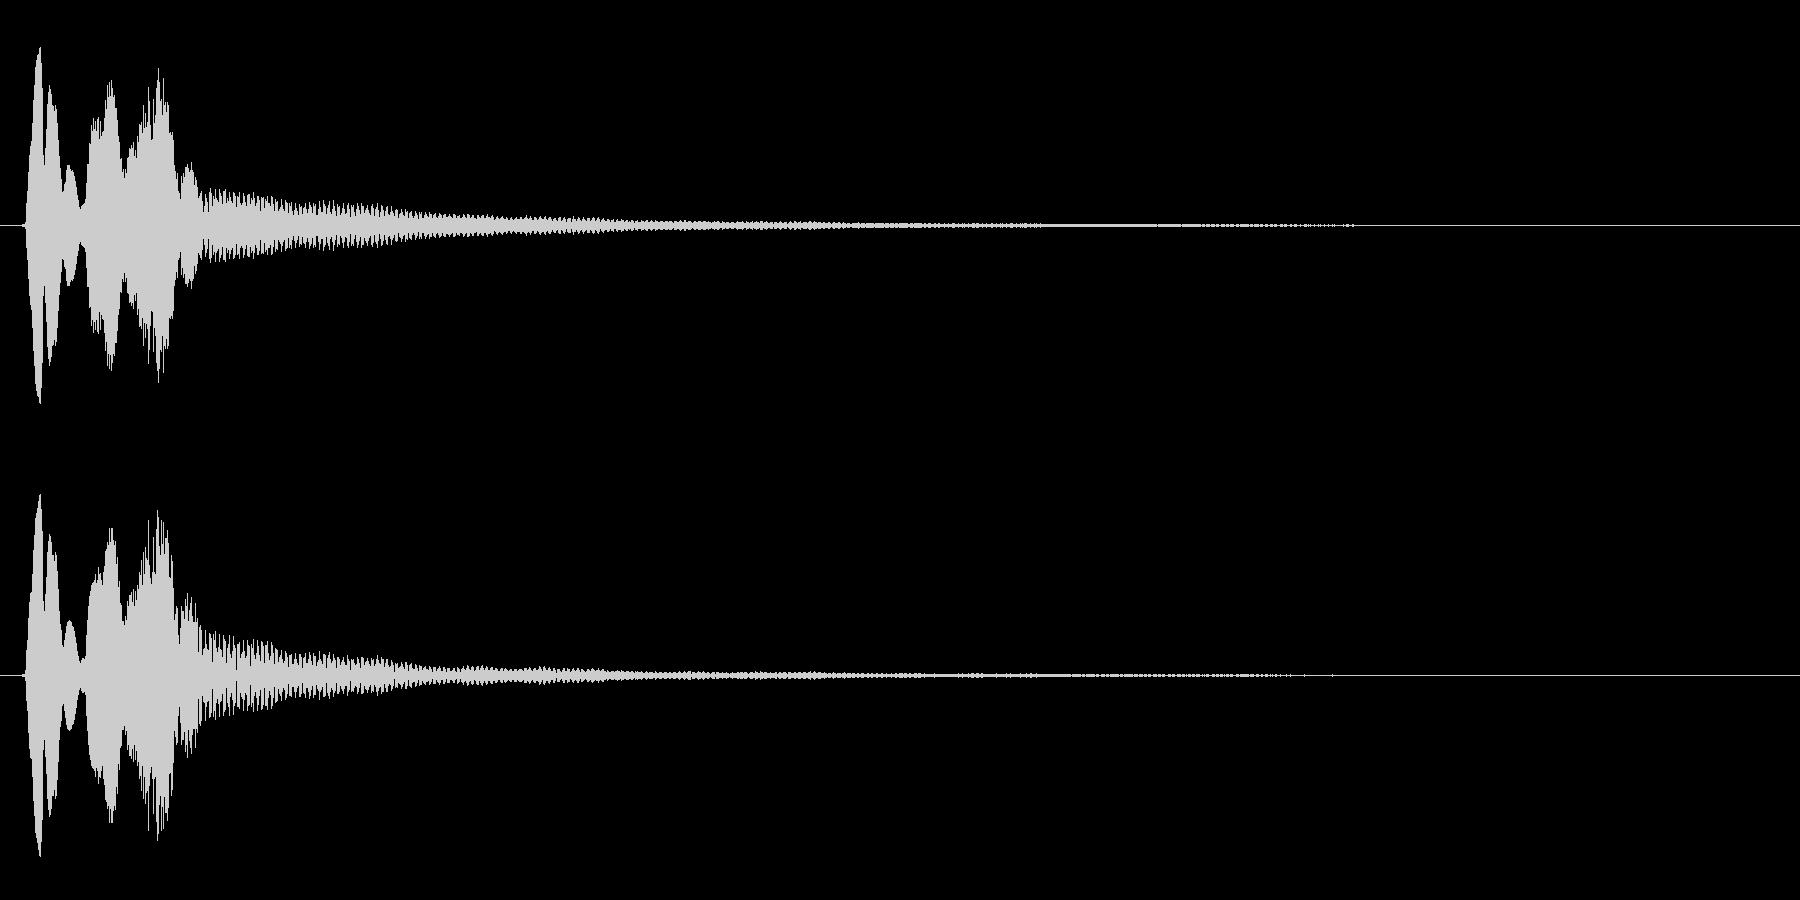 タララン↓(かわす、ミス、受け流す)の未再生の波形